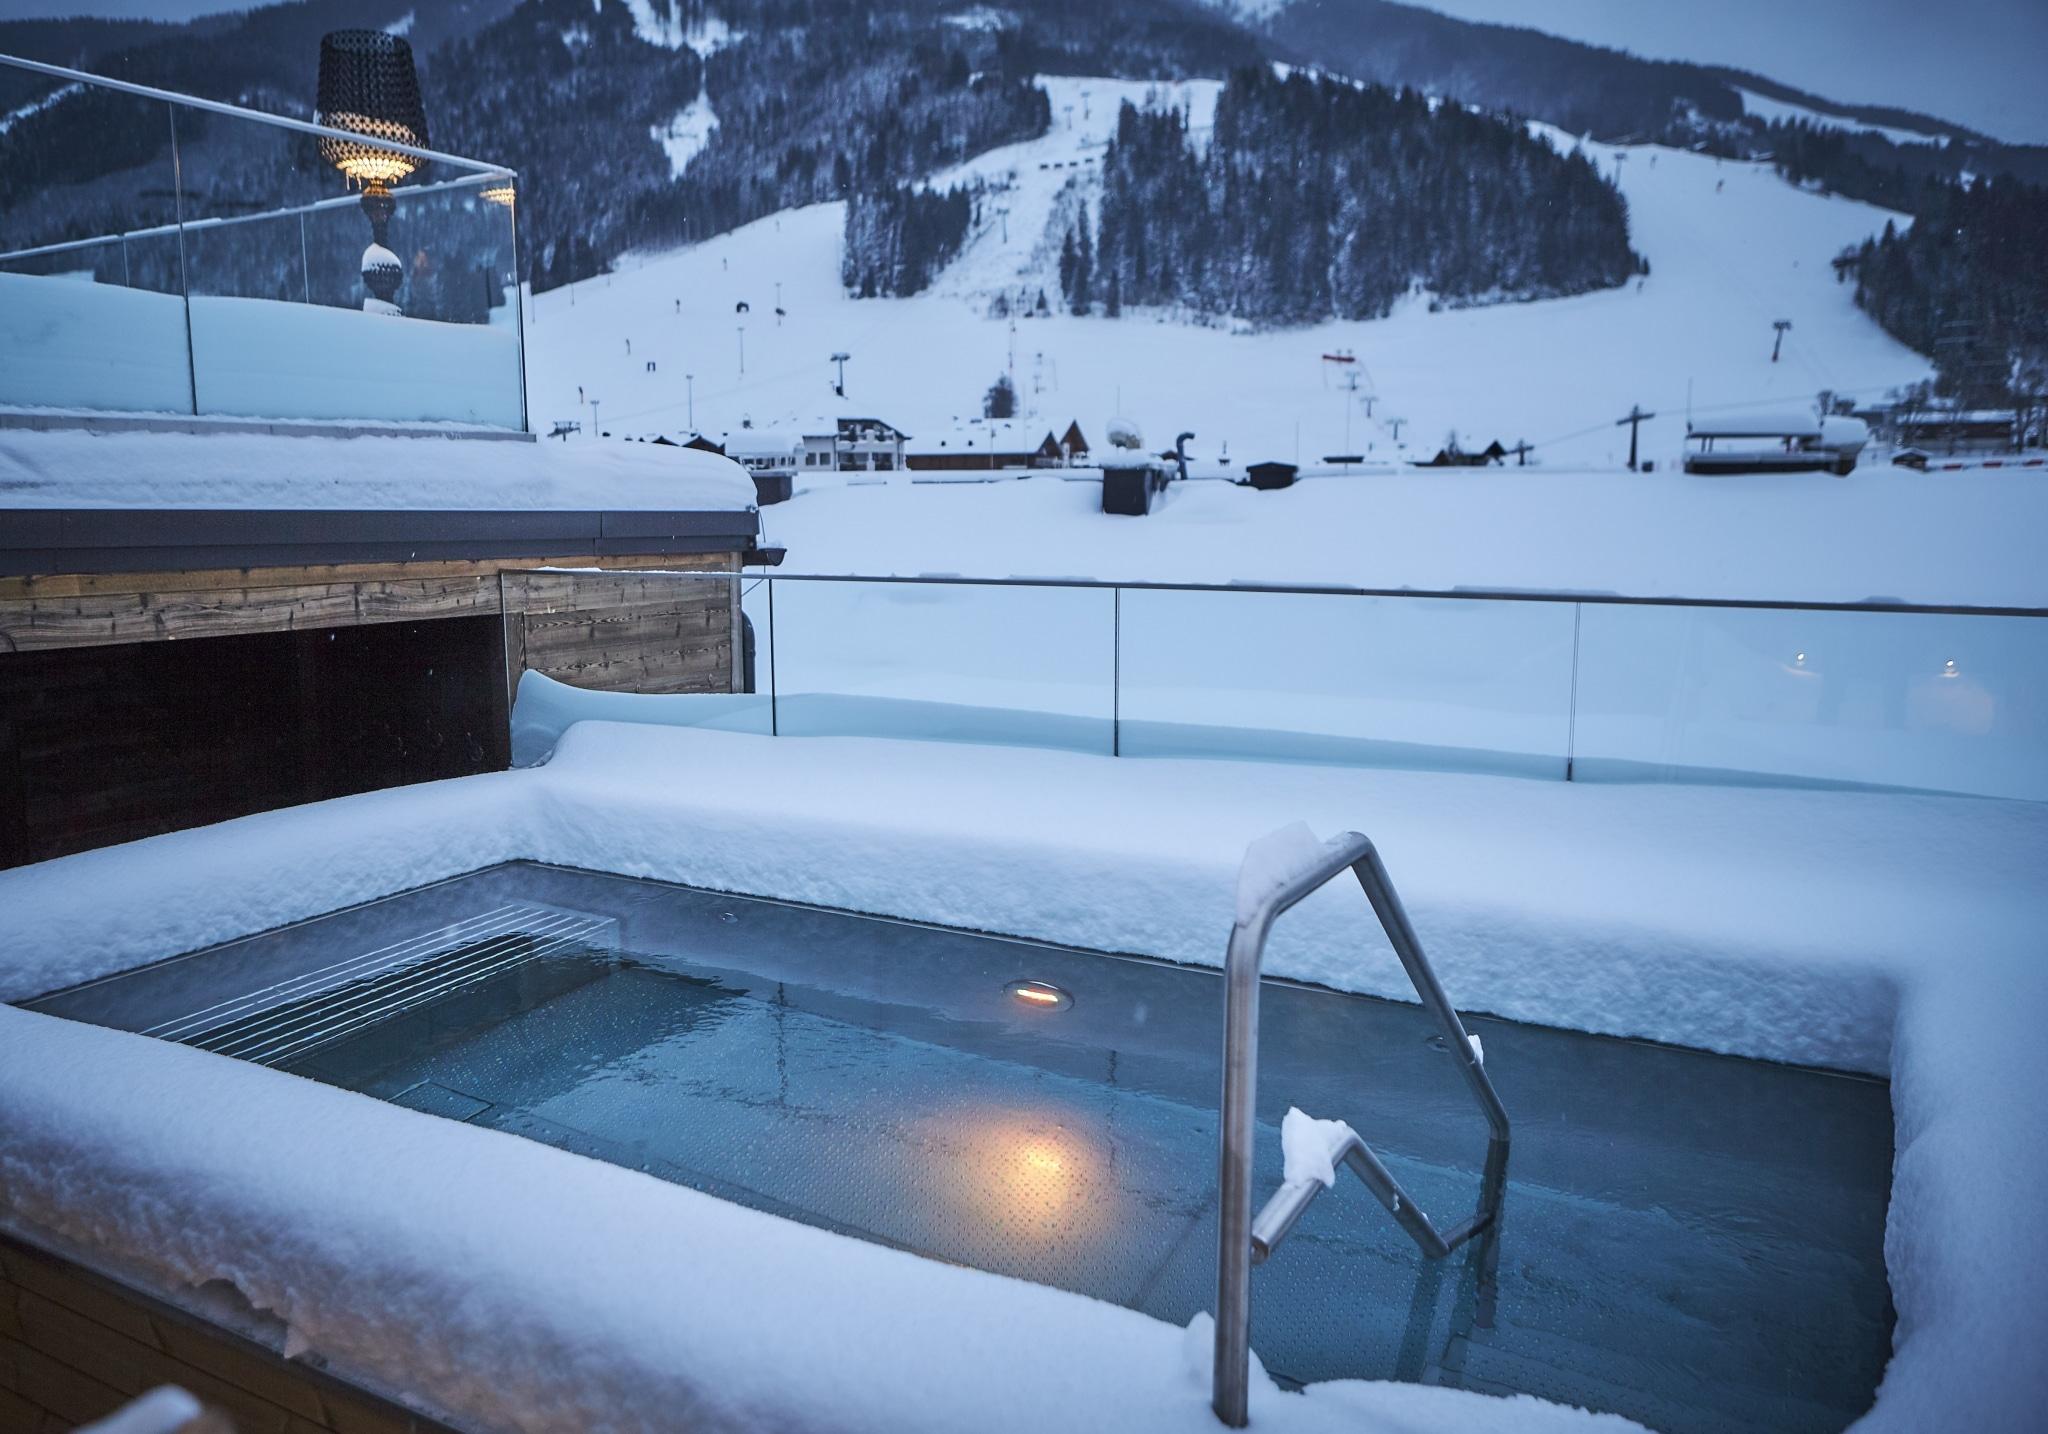 Das Skigebiet Saalbach Hinterglemm im Hintergrund und der Außen-Whirlpool im Vordergrund